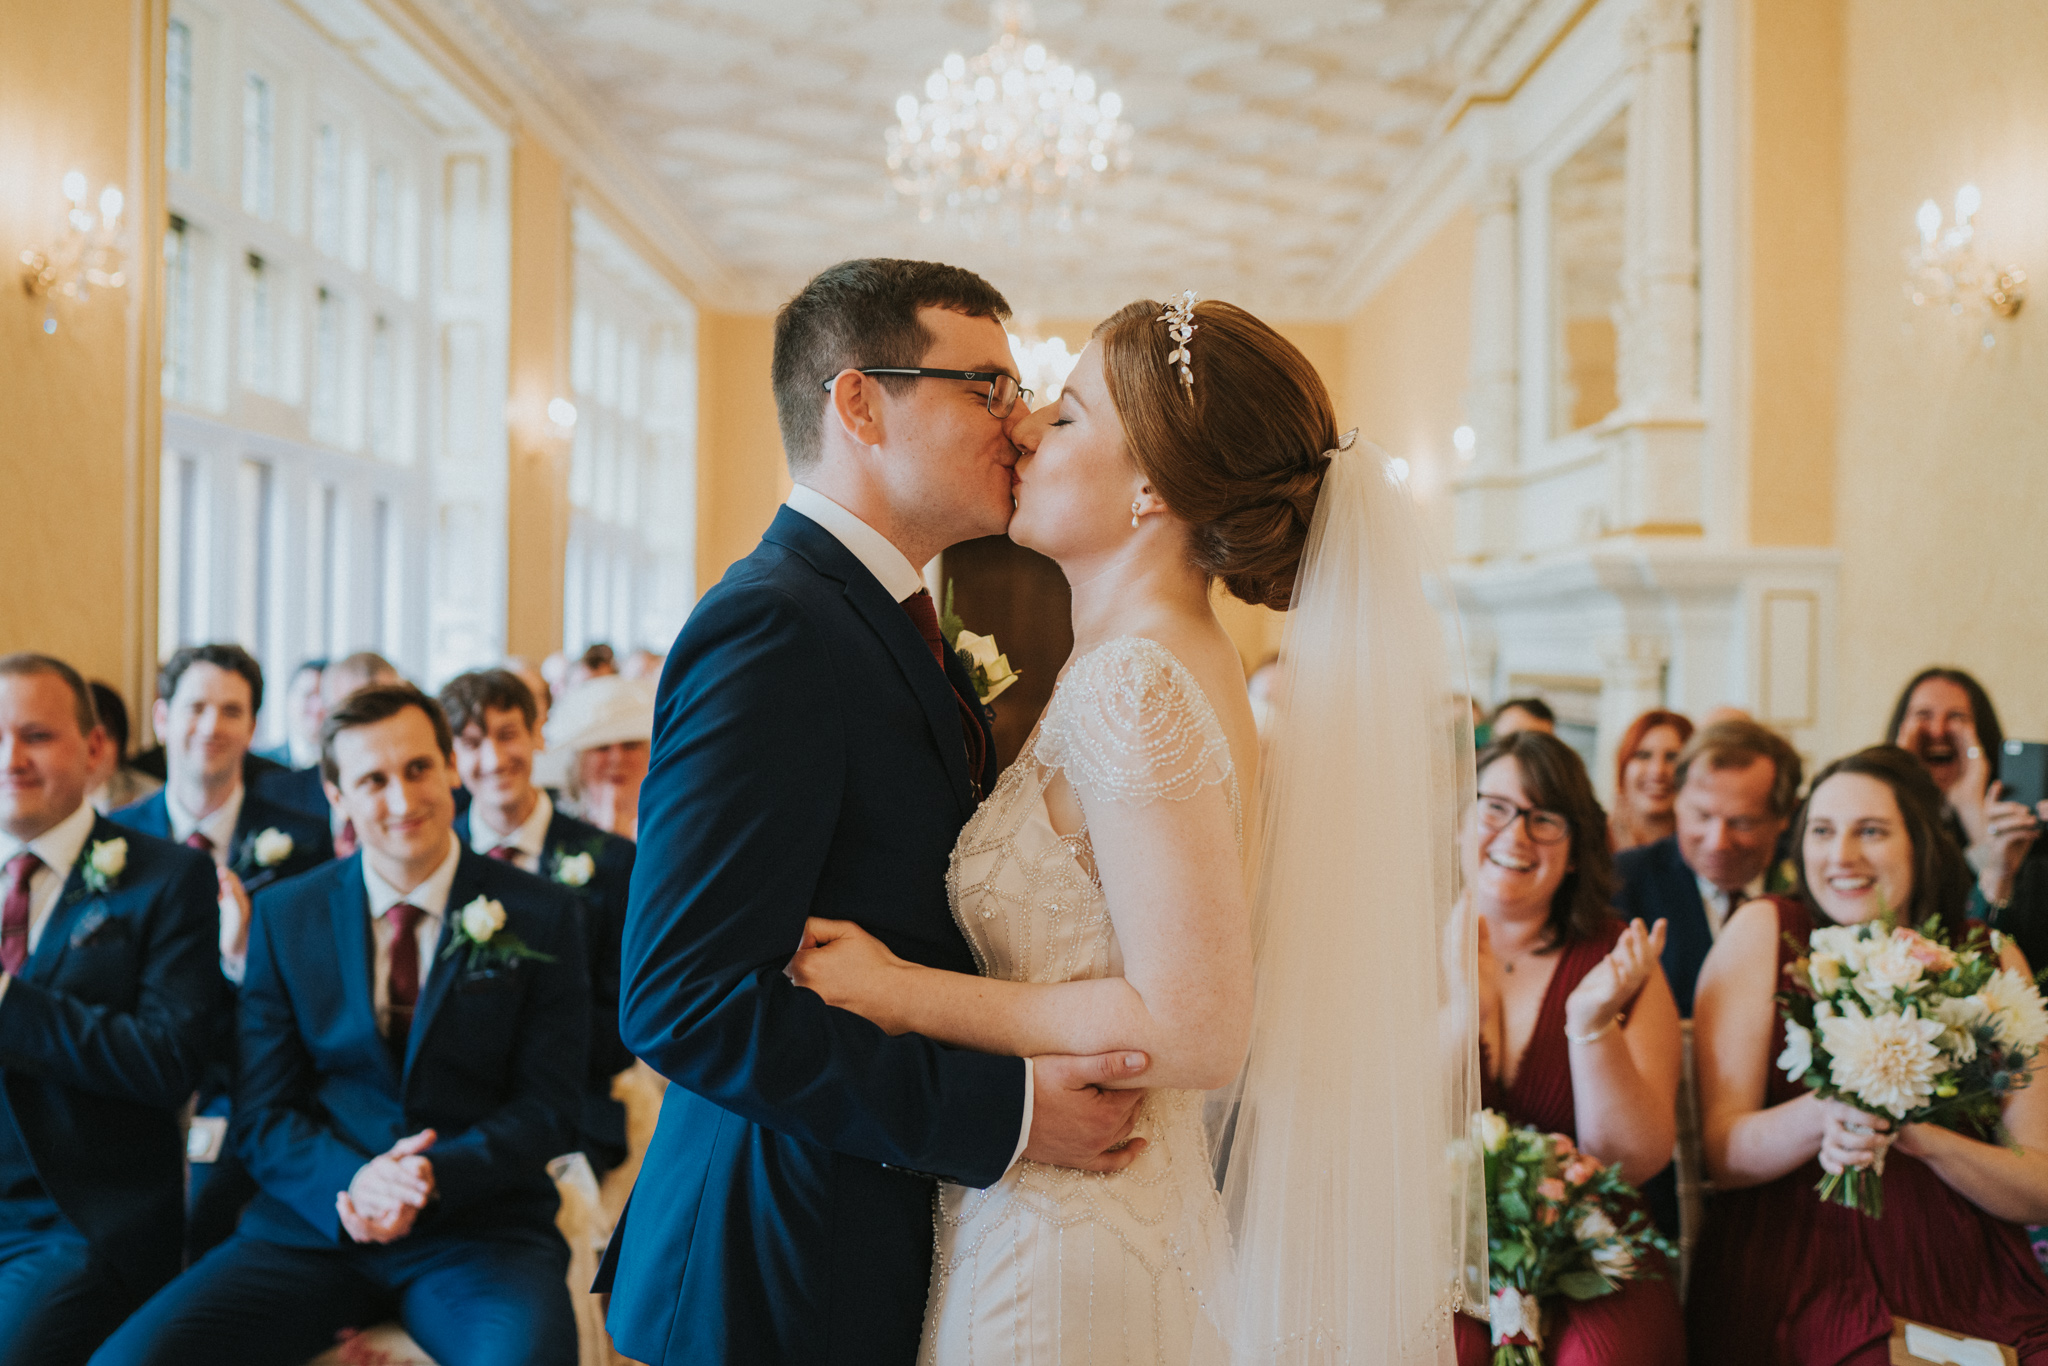 philippa-mark-holmewood-hall-peterborough-grace-elizabeth-colchester-essex-norfolk-devon-suffolk-alternative-wedding-photographer (35 of 62).jpg